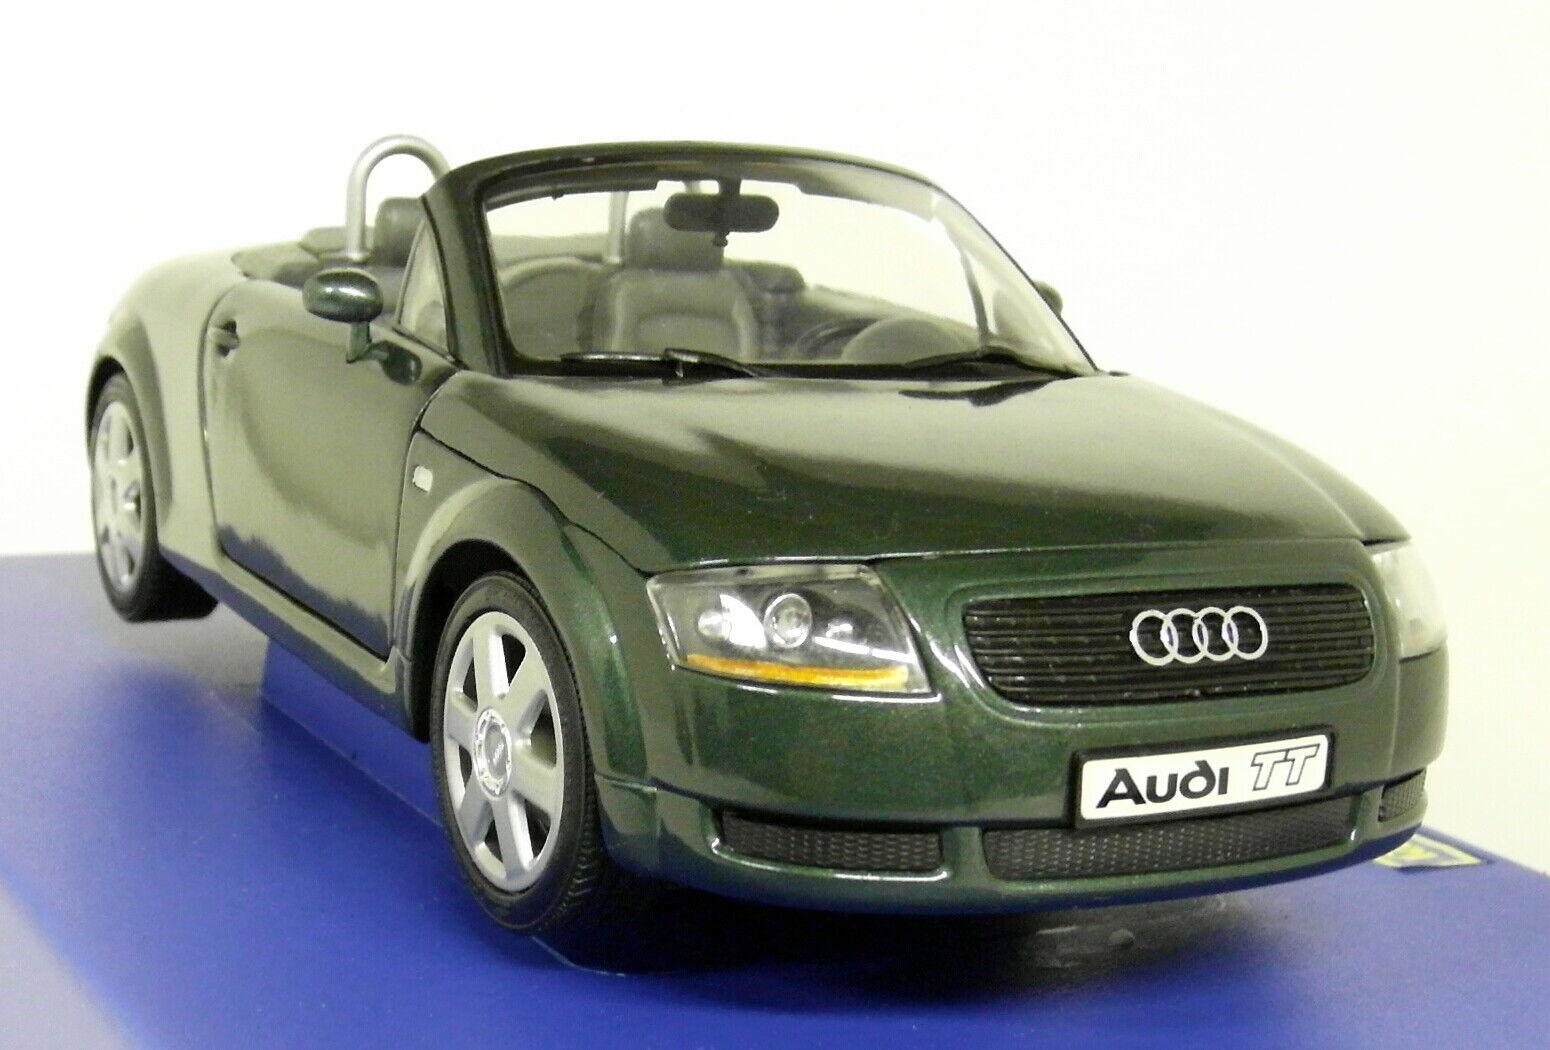 Revell 1 18 escala 08979 Audi TT Roadster verde Oscuro Mk1 8N Coche Modelo Diecast